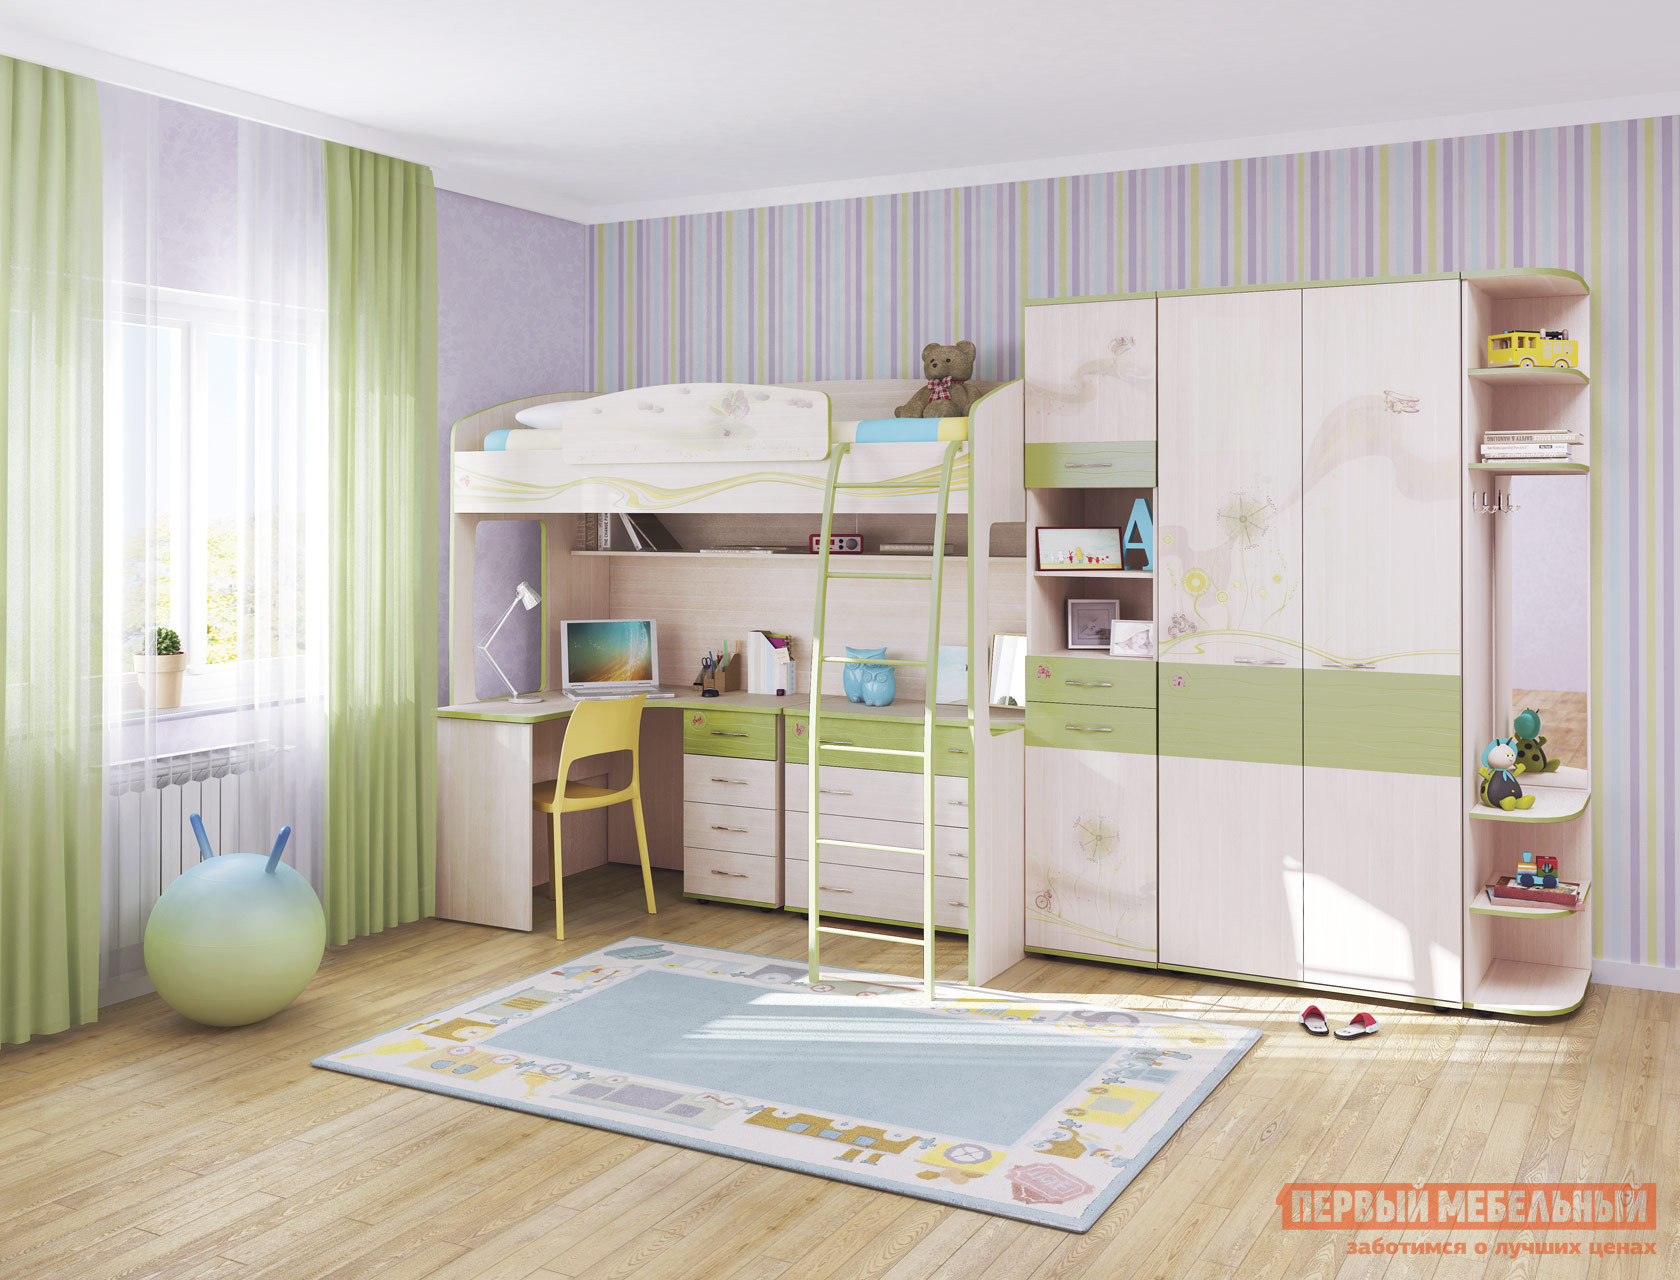 Комплект детской мебели Витра Акварель К2 комплект детской мебели витра бриз к2